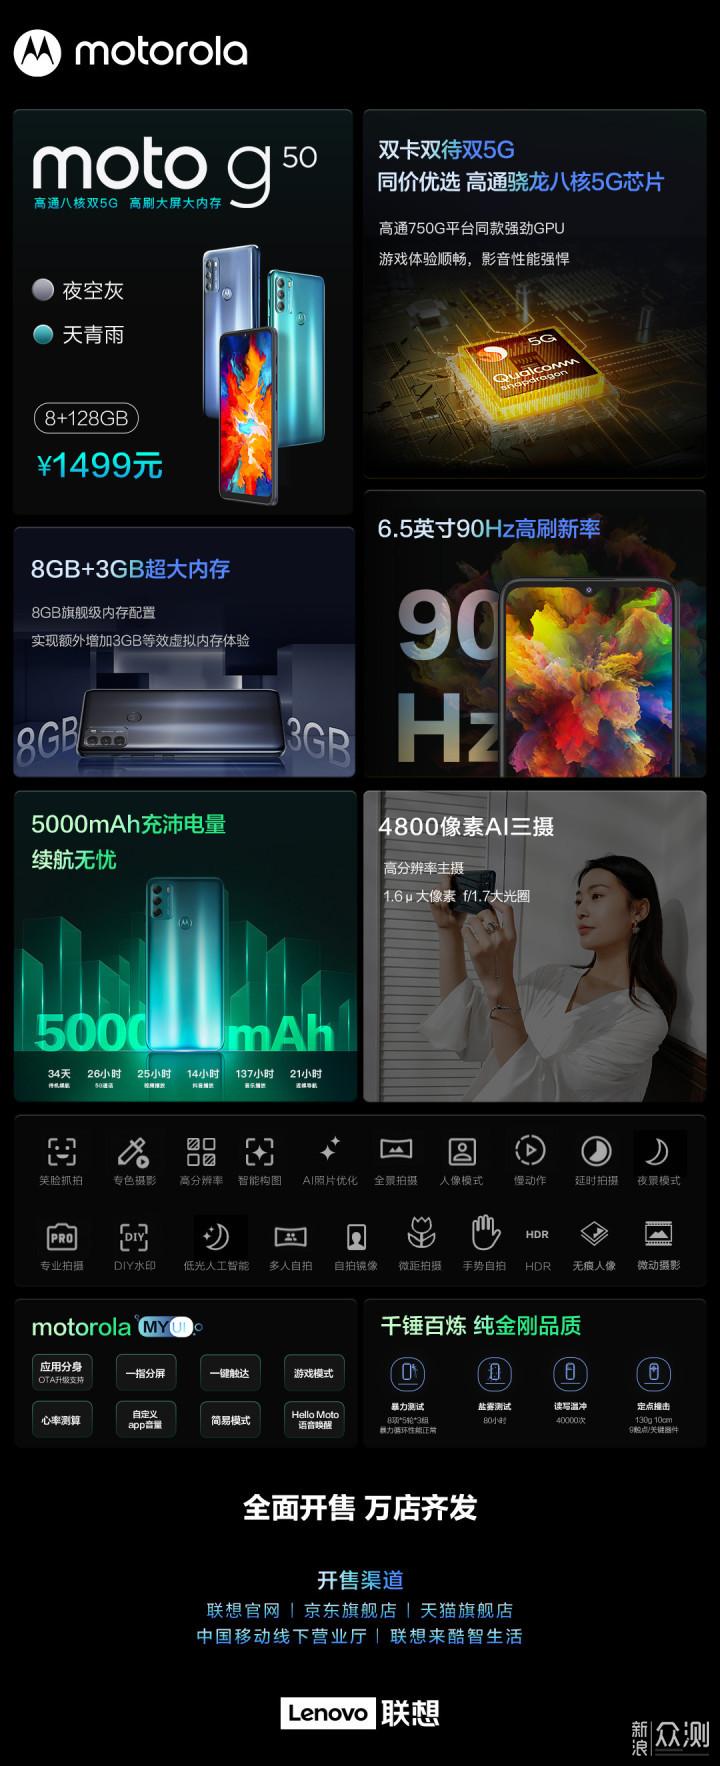 「五一特辑」高价低配手机盘点:荣耀包揽前三 _新浪众测